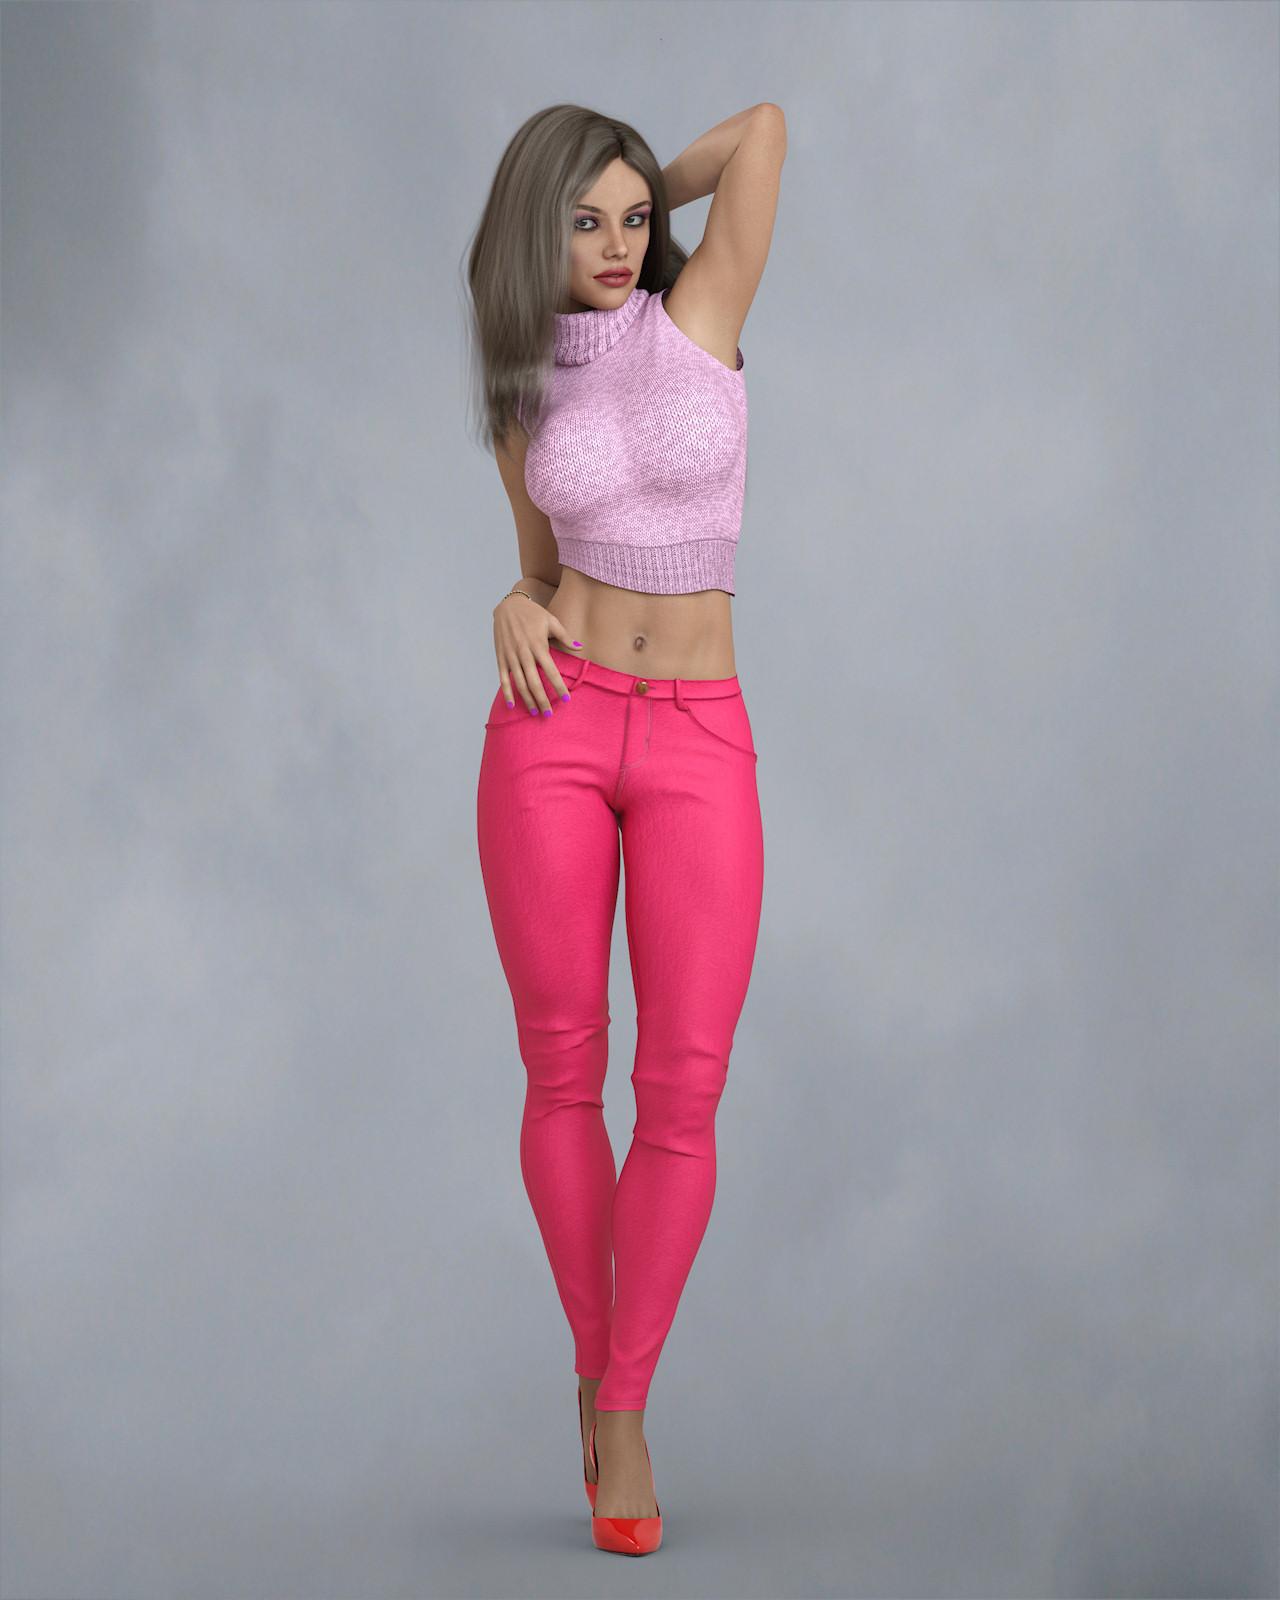 KrashWerks LAURISSA for Genesis 8 Female_DAZ3D下载站